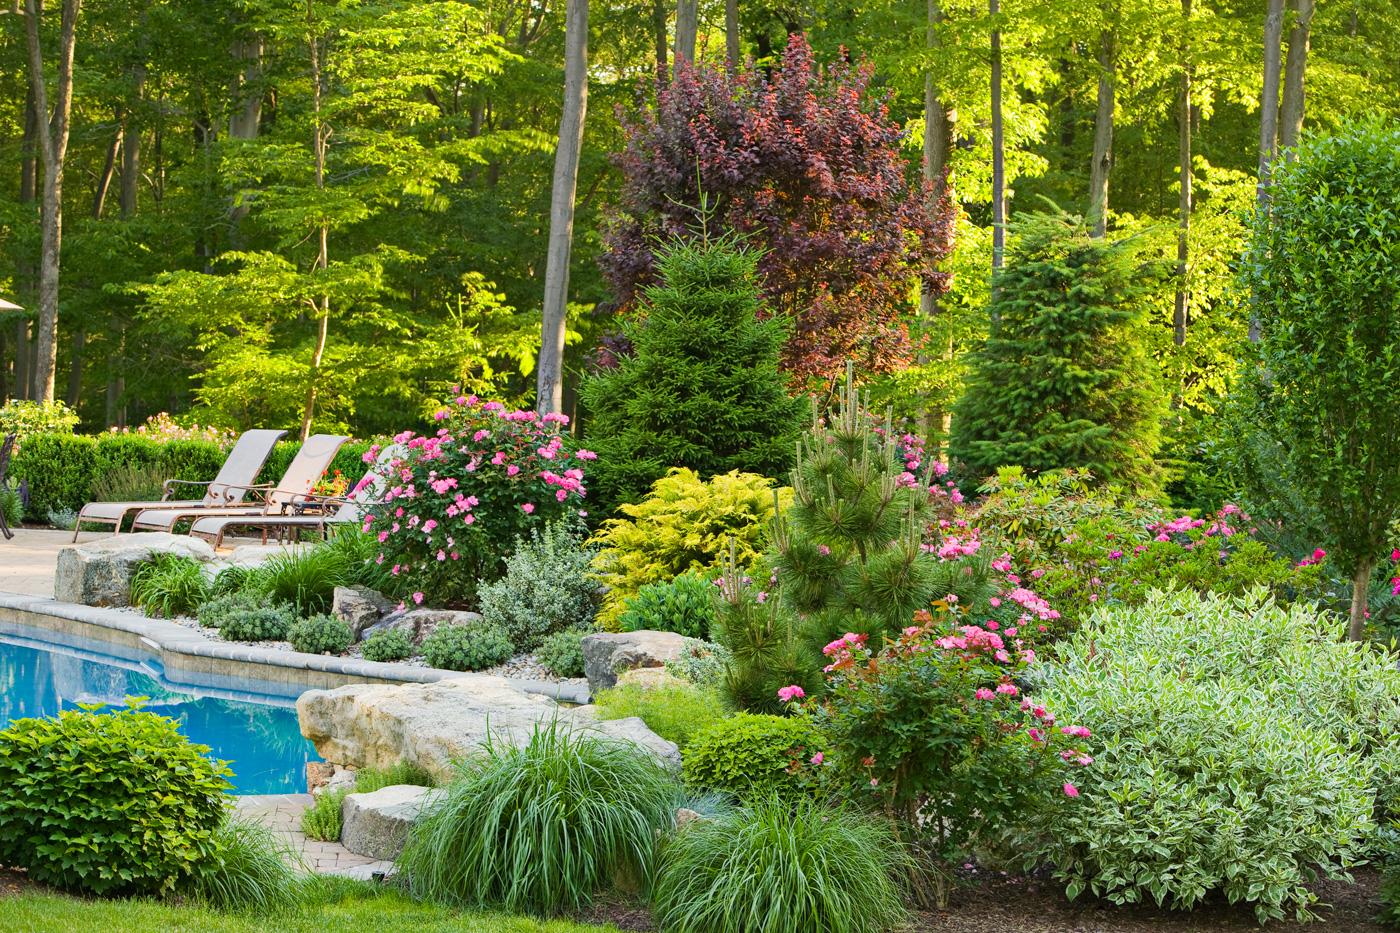 seasonal garden landscaping cording landscape design. Black Bedroom Furniture Sets. Home Design Ideas